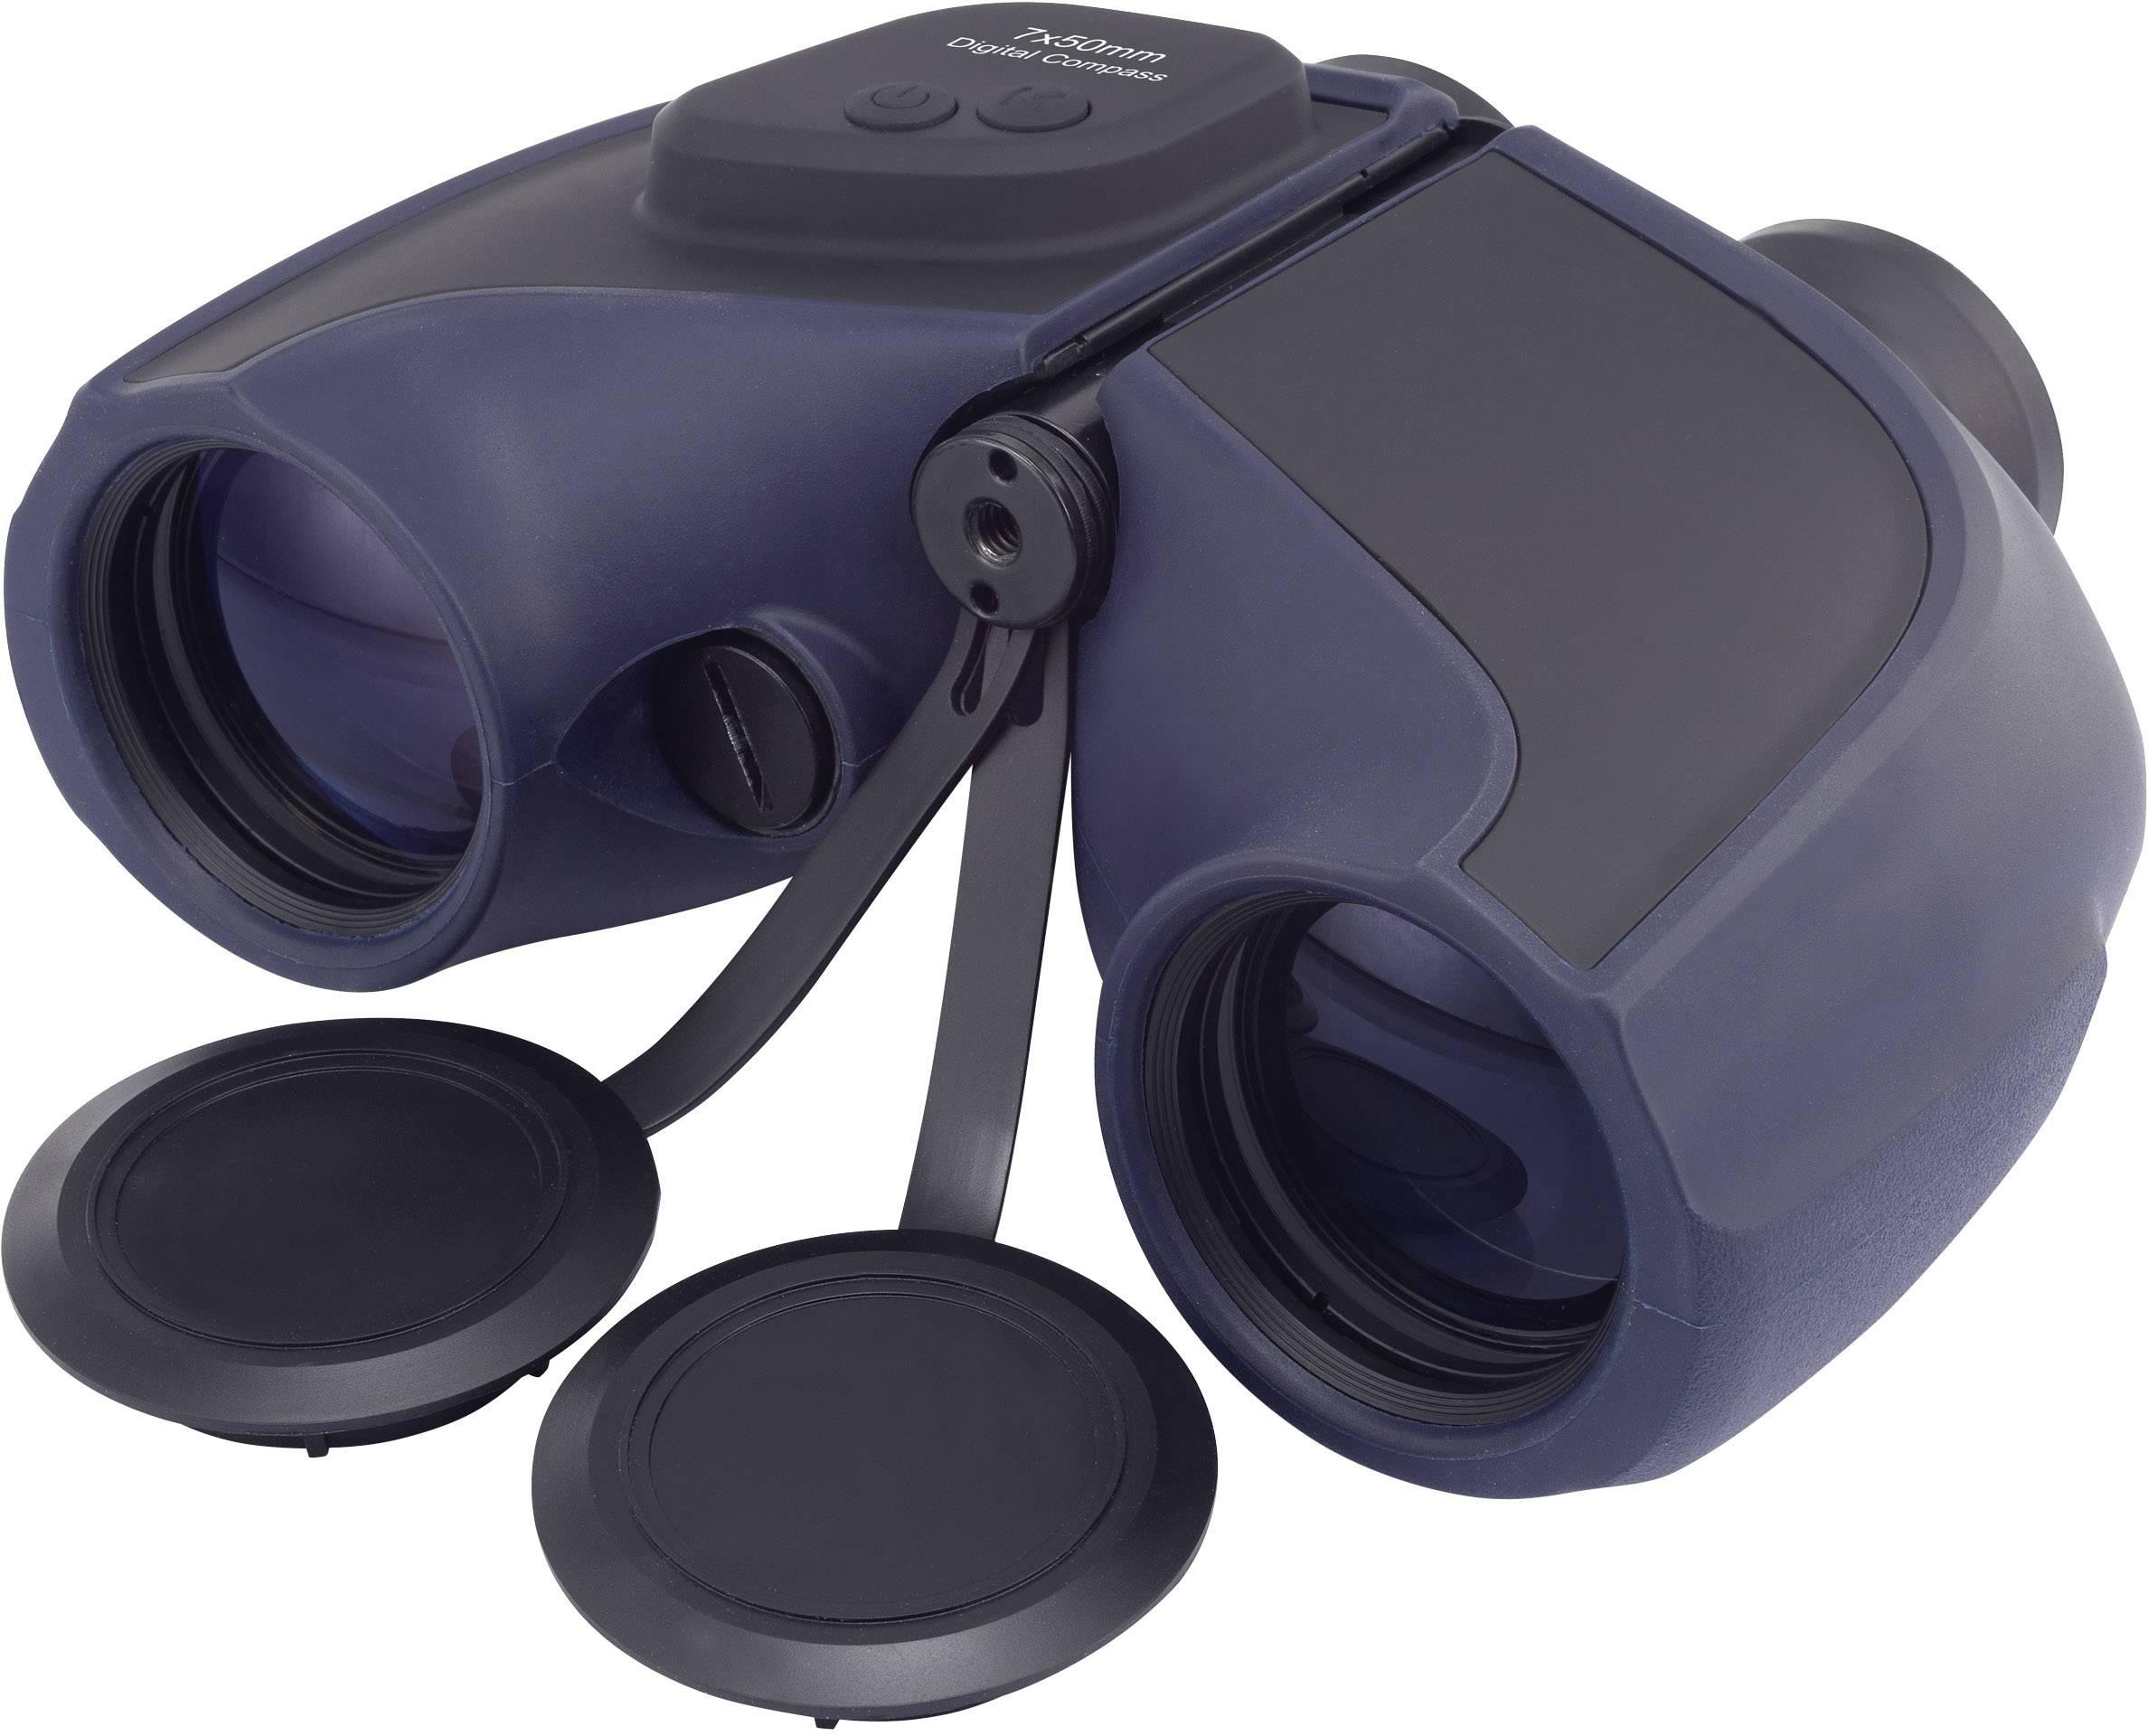 Renkforce binocular marine fernglas mm marine blau kaufen